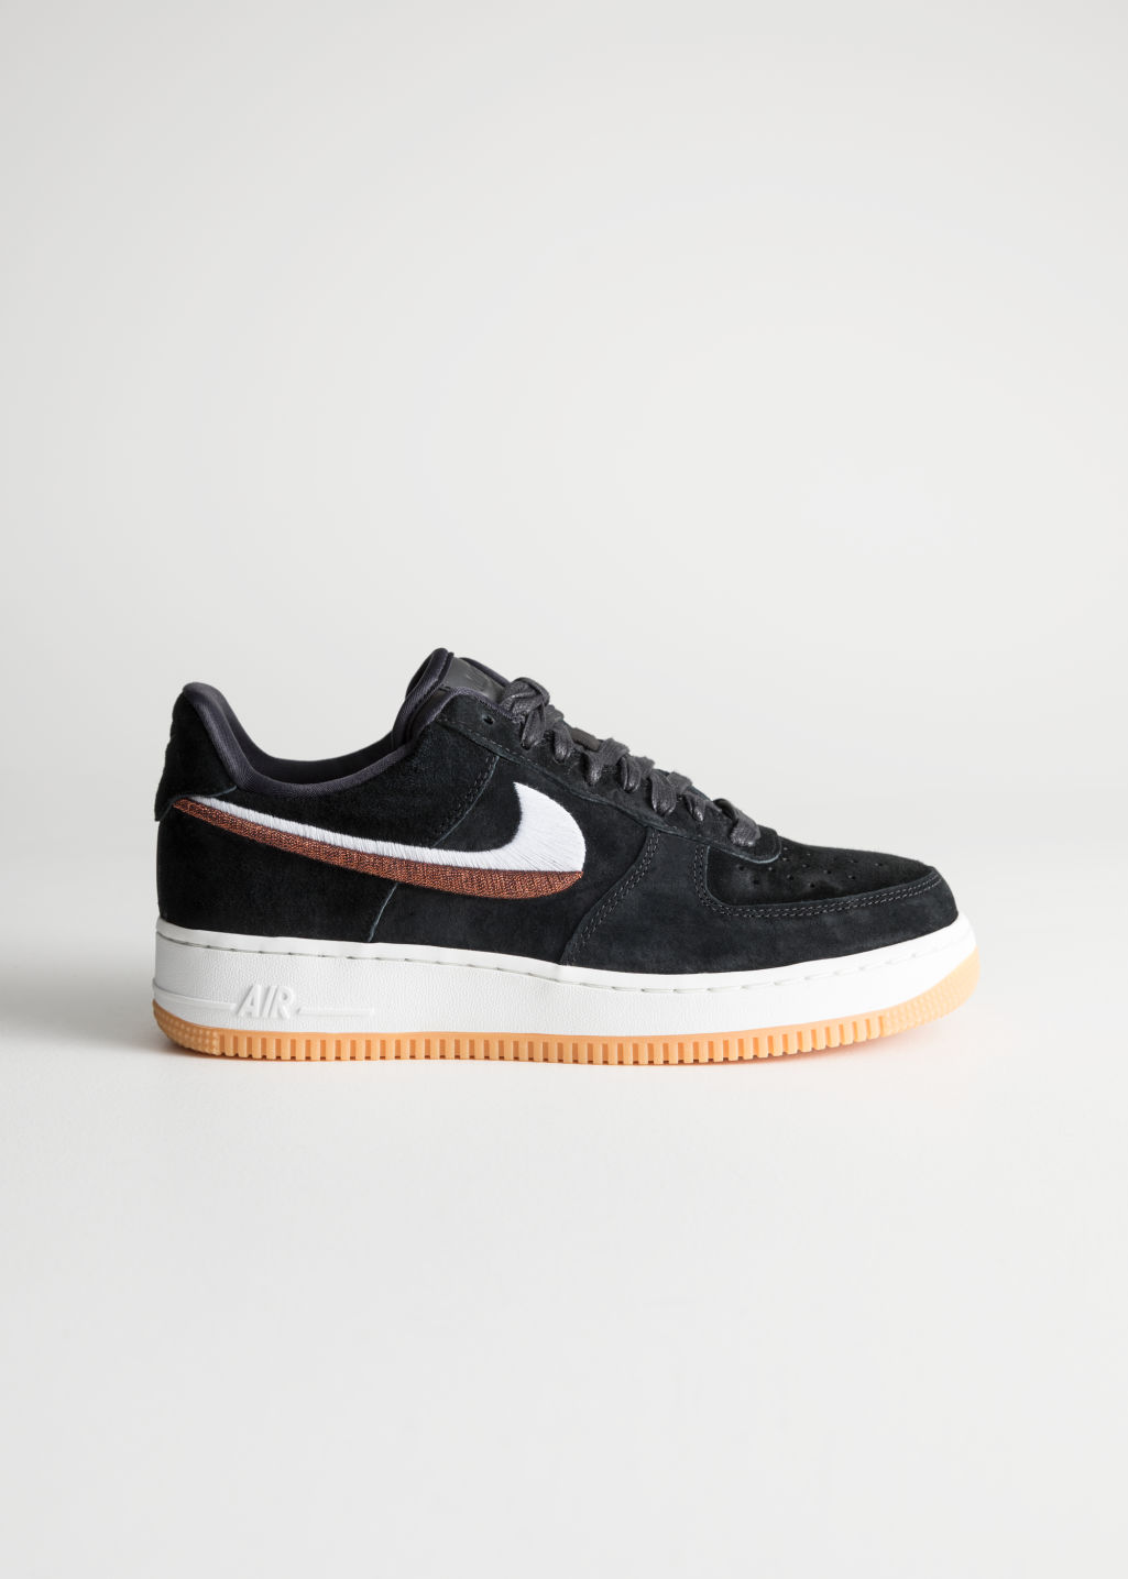 Stories Force 07 1 Blackamp; Air Other Nike Lx nm0N8w